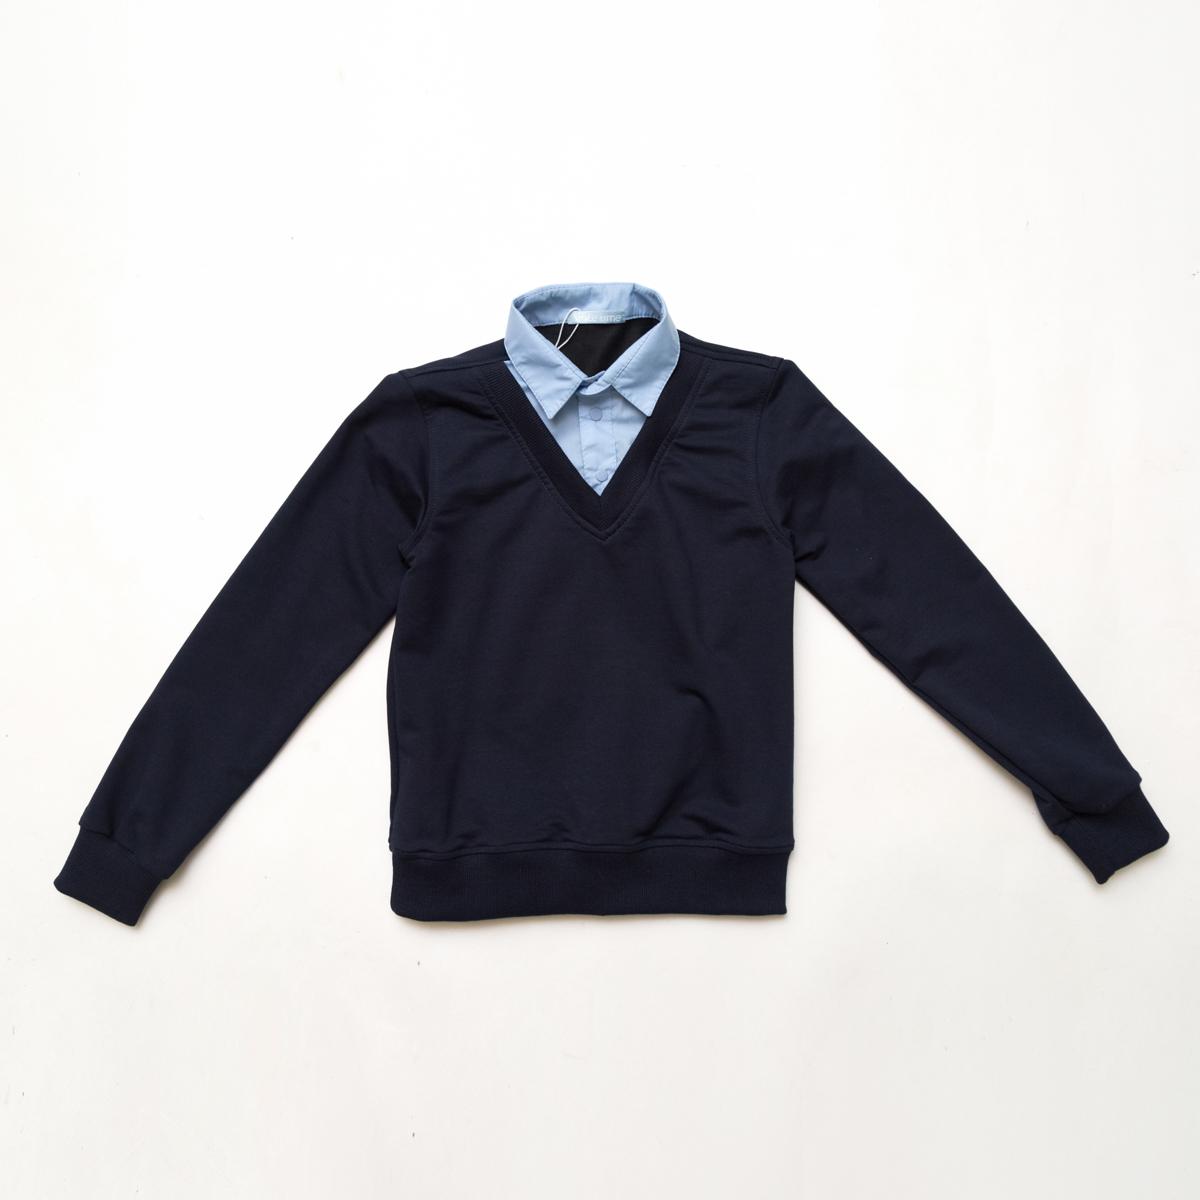 Кофта-обманка SmileTime для мальчика Scholar, темно-синий с голубым